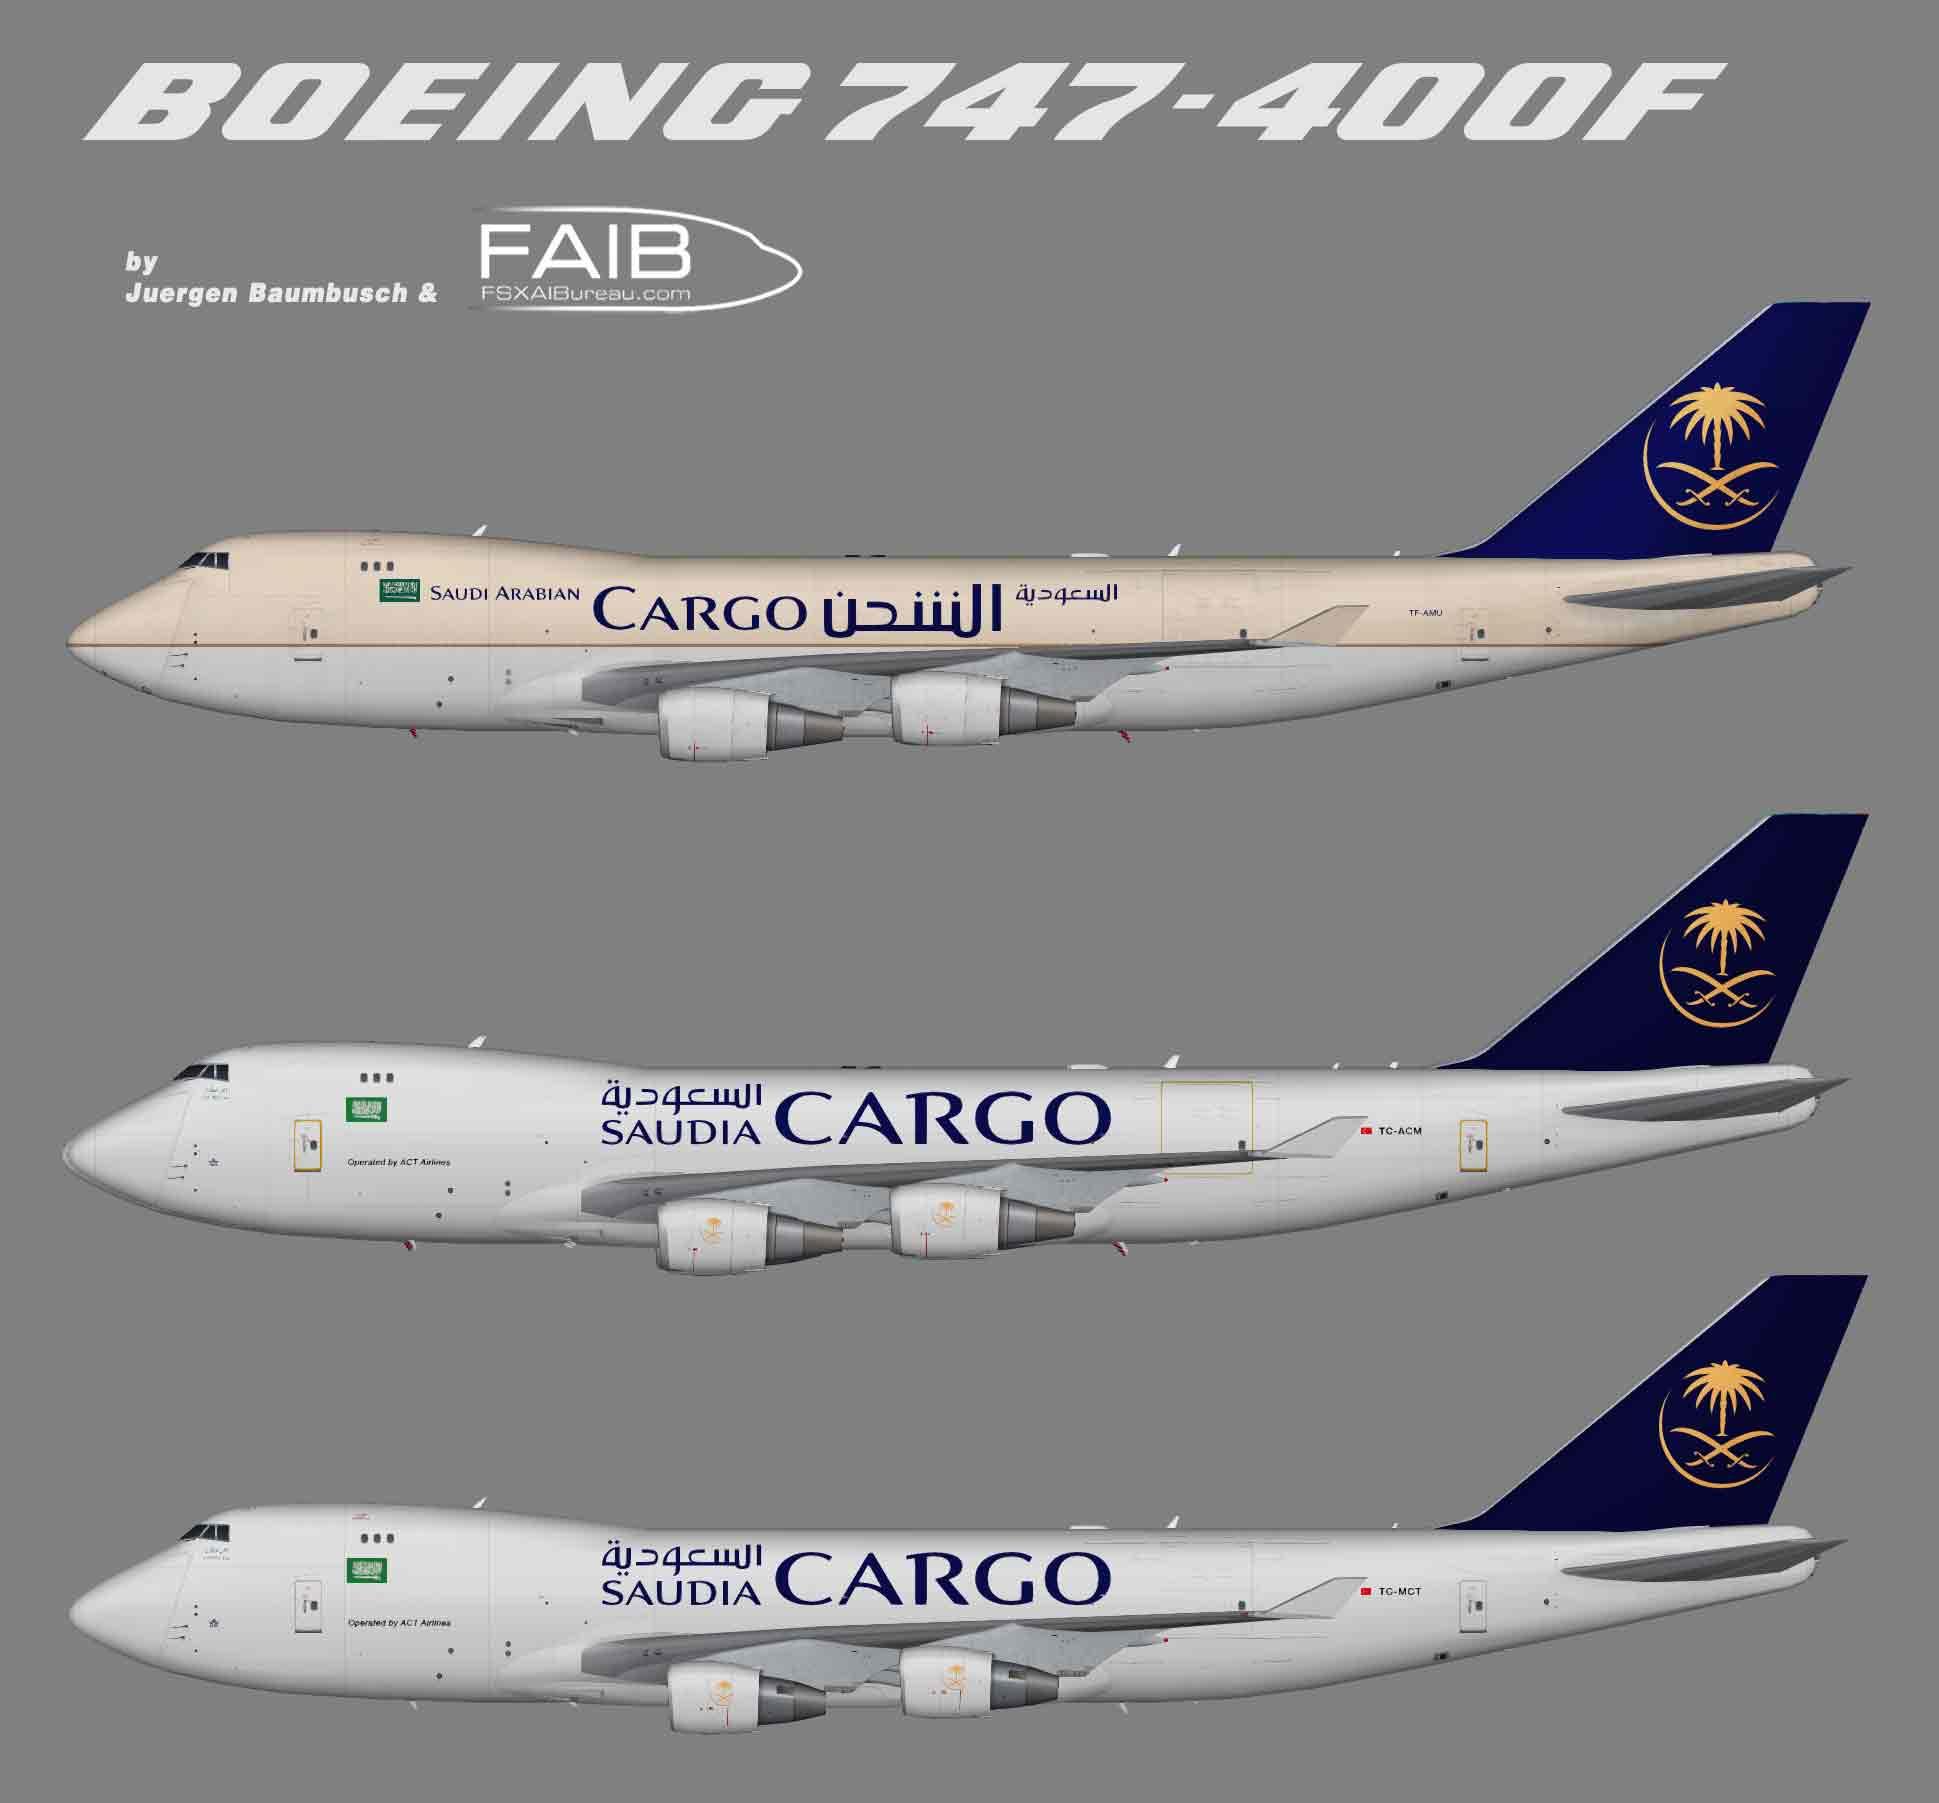 Saudia Cargo Boeing 747-400F